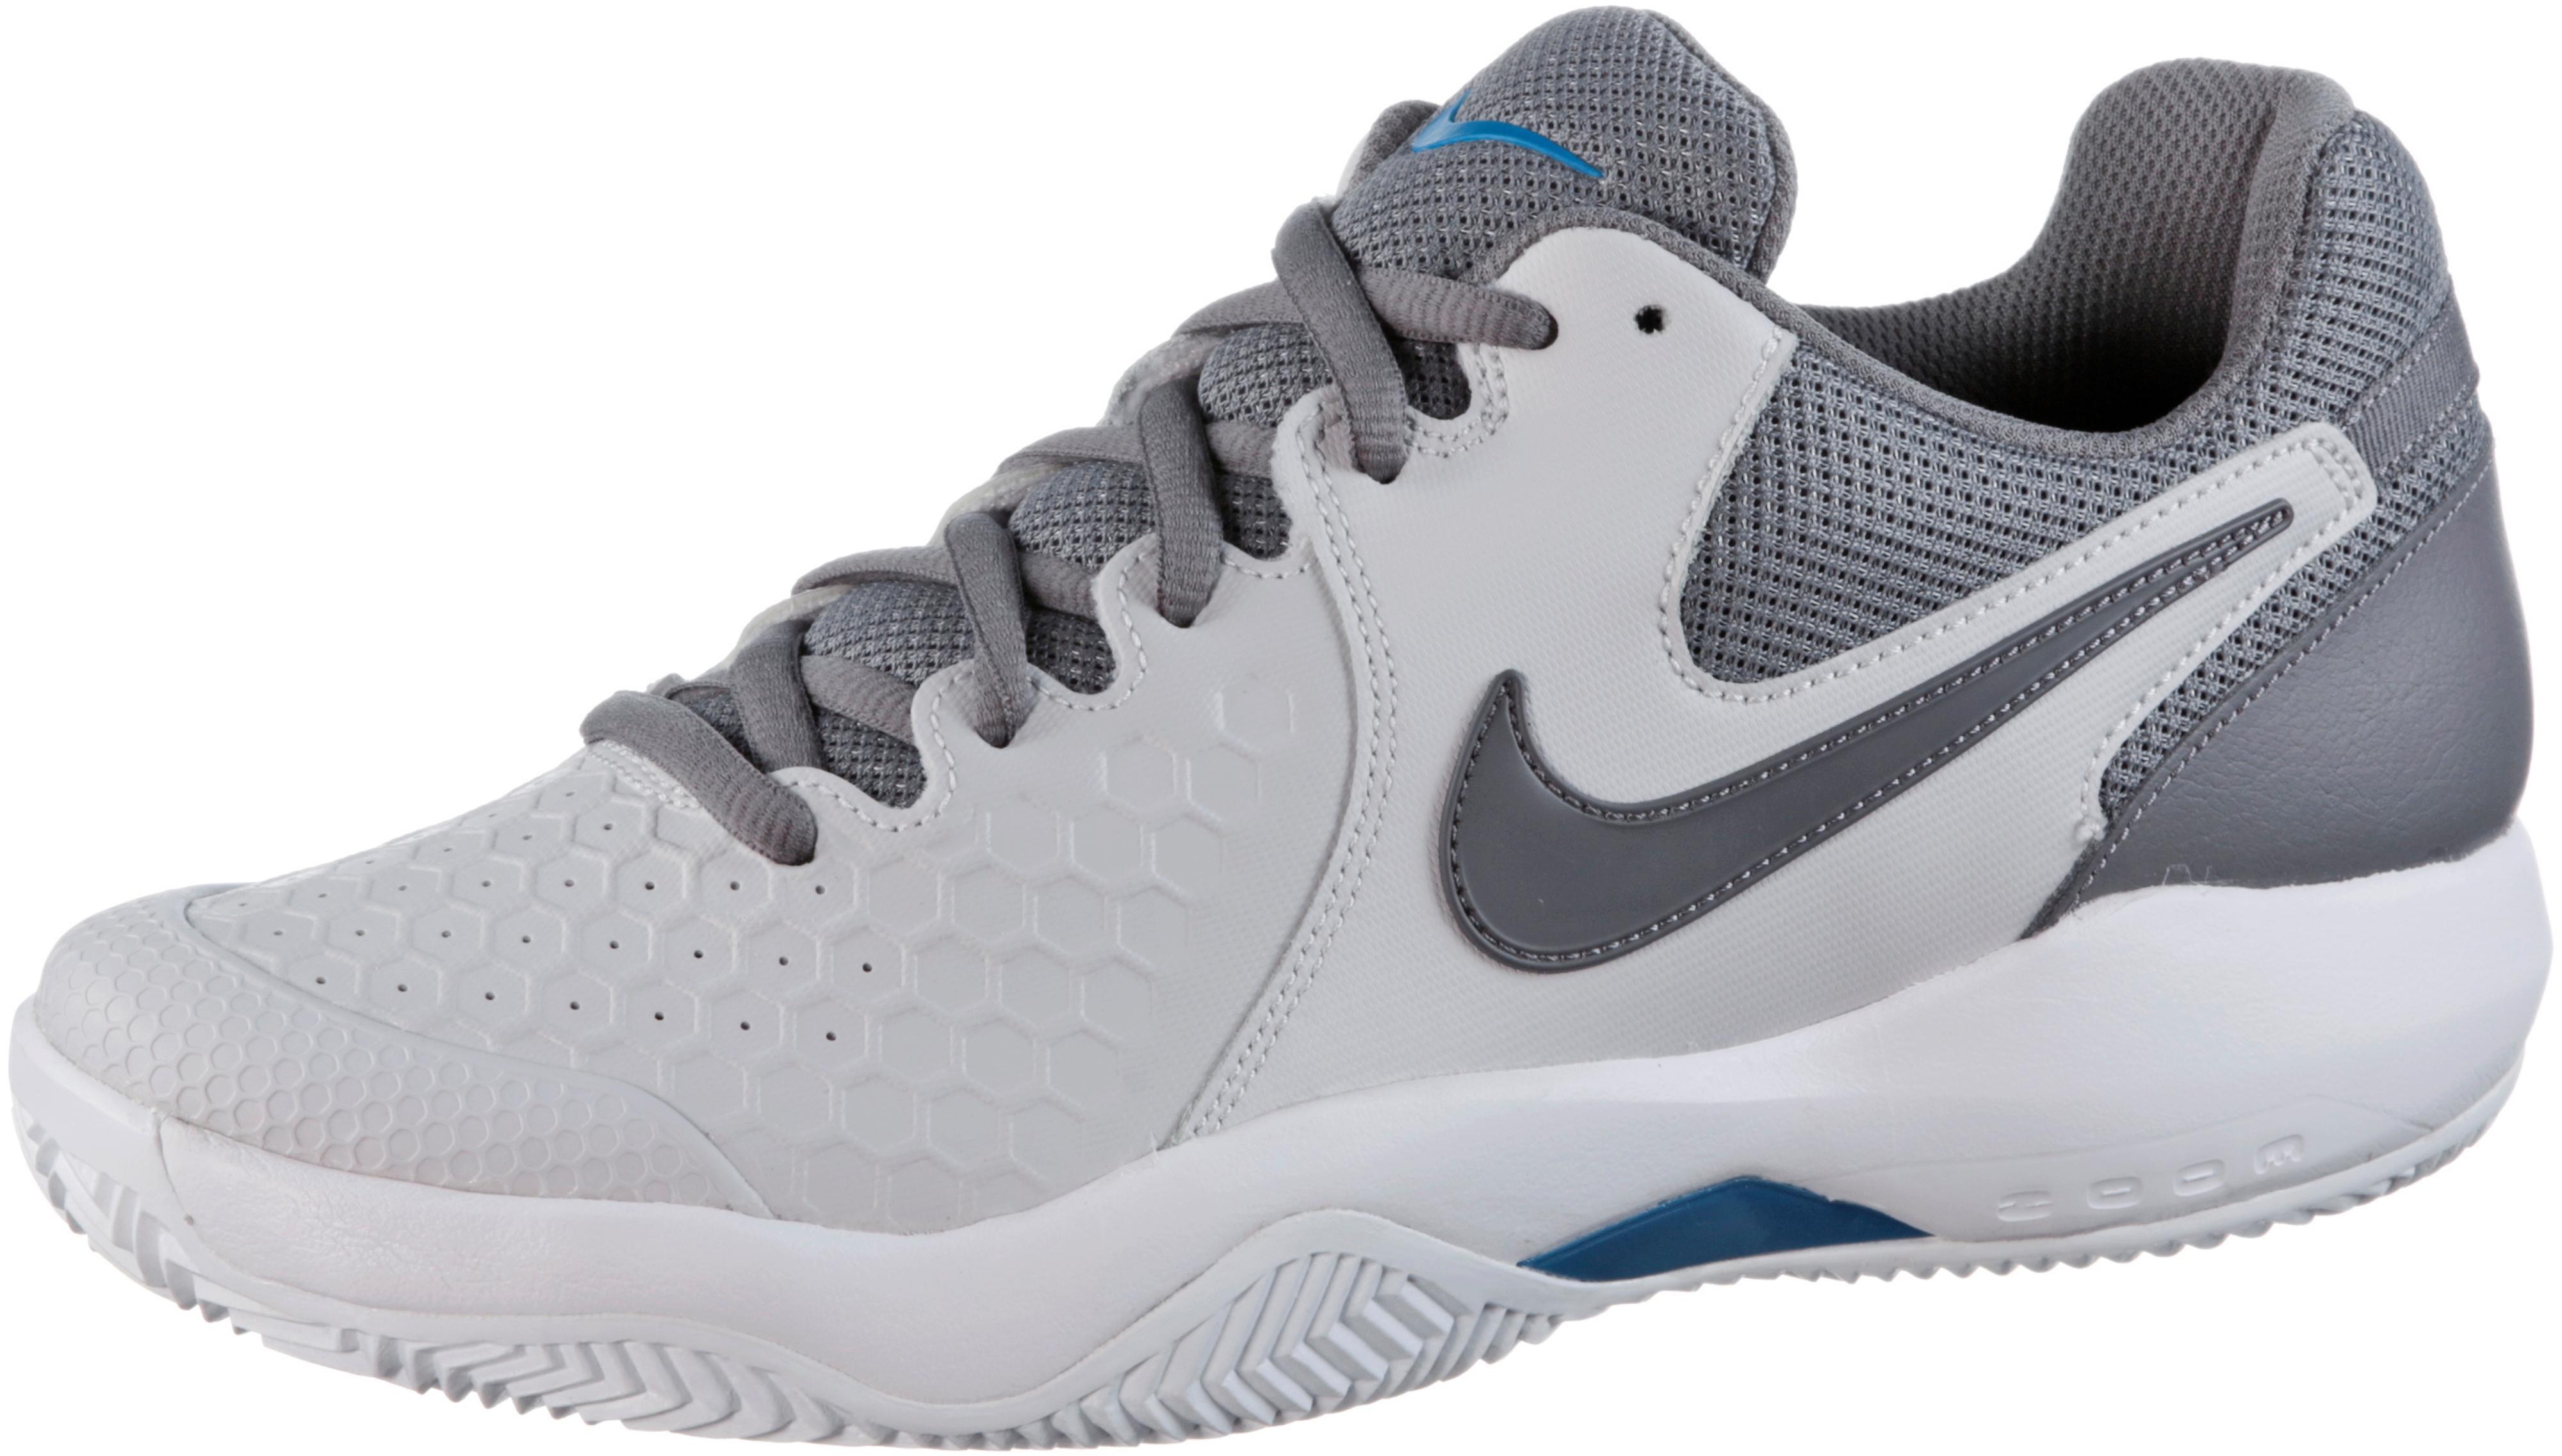 Nike NIKE AIR ZOOM RESISTANCE CLY Tennisschuhe Herren vast grey gunsmoke blue im Online Shop von SportScheck kaufen